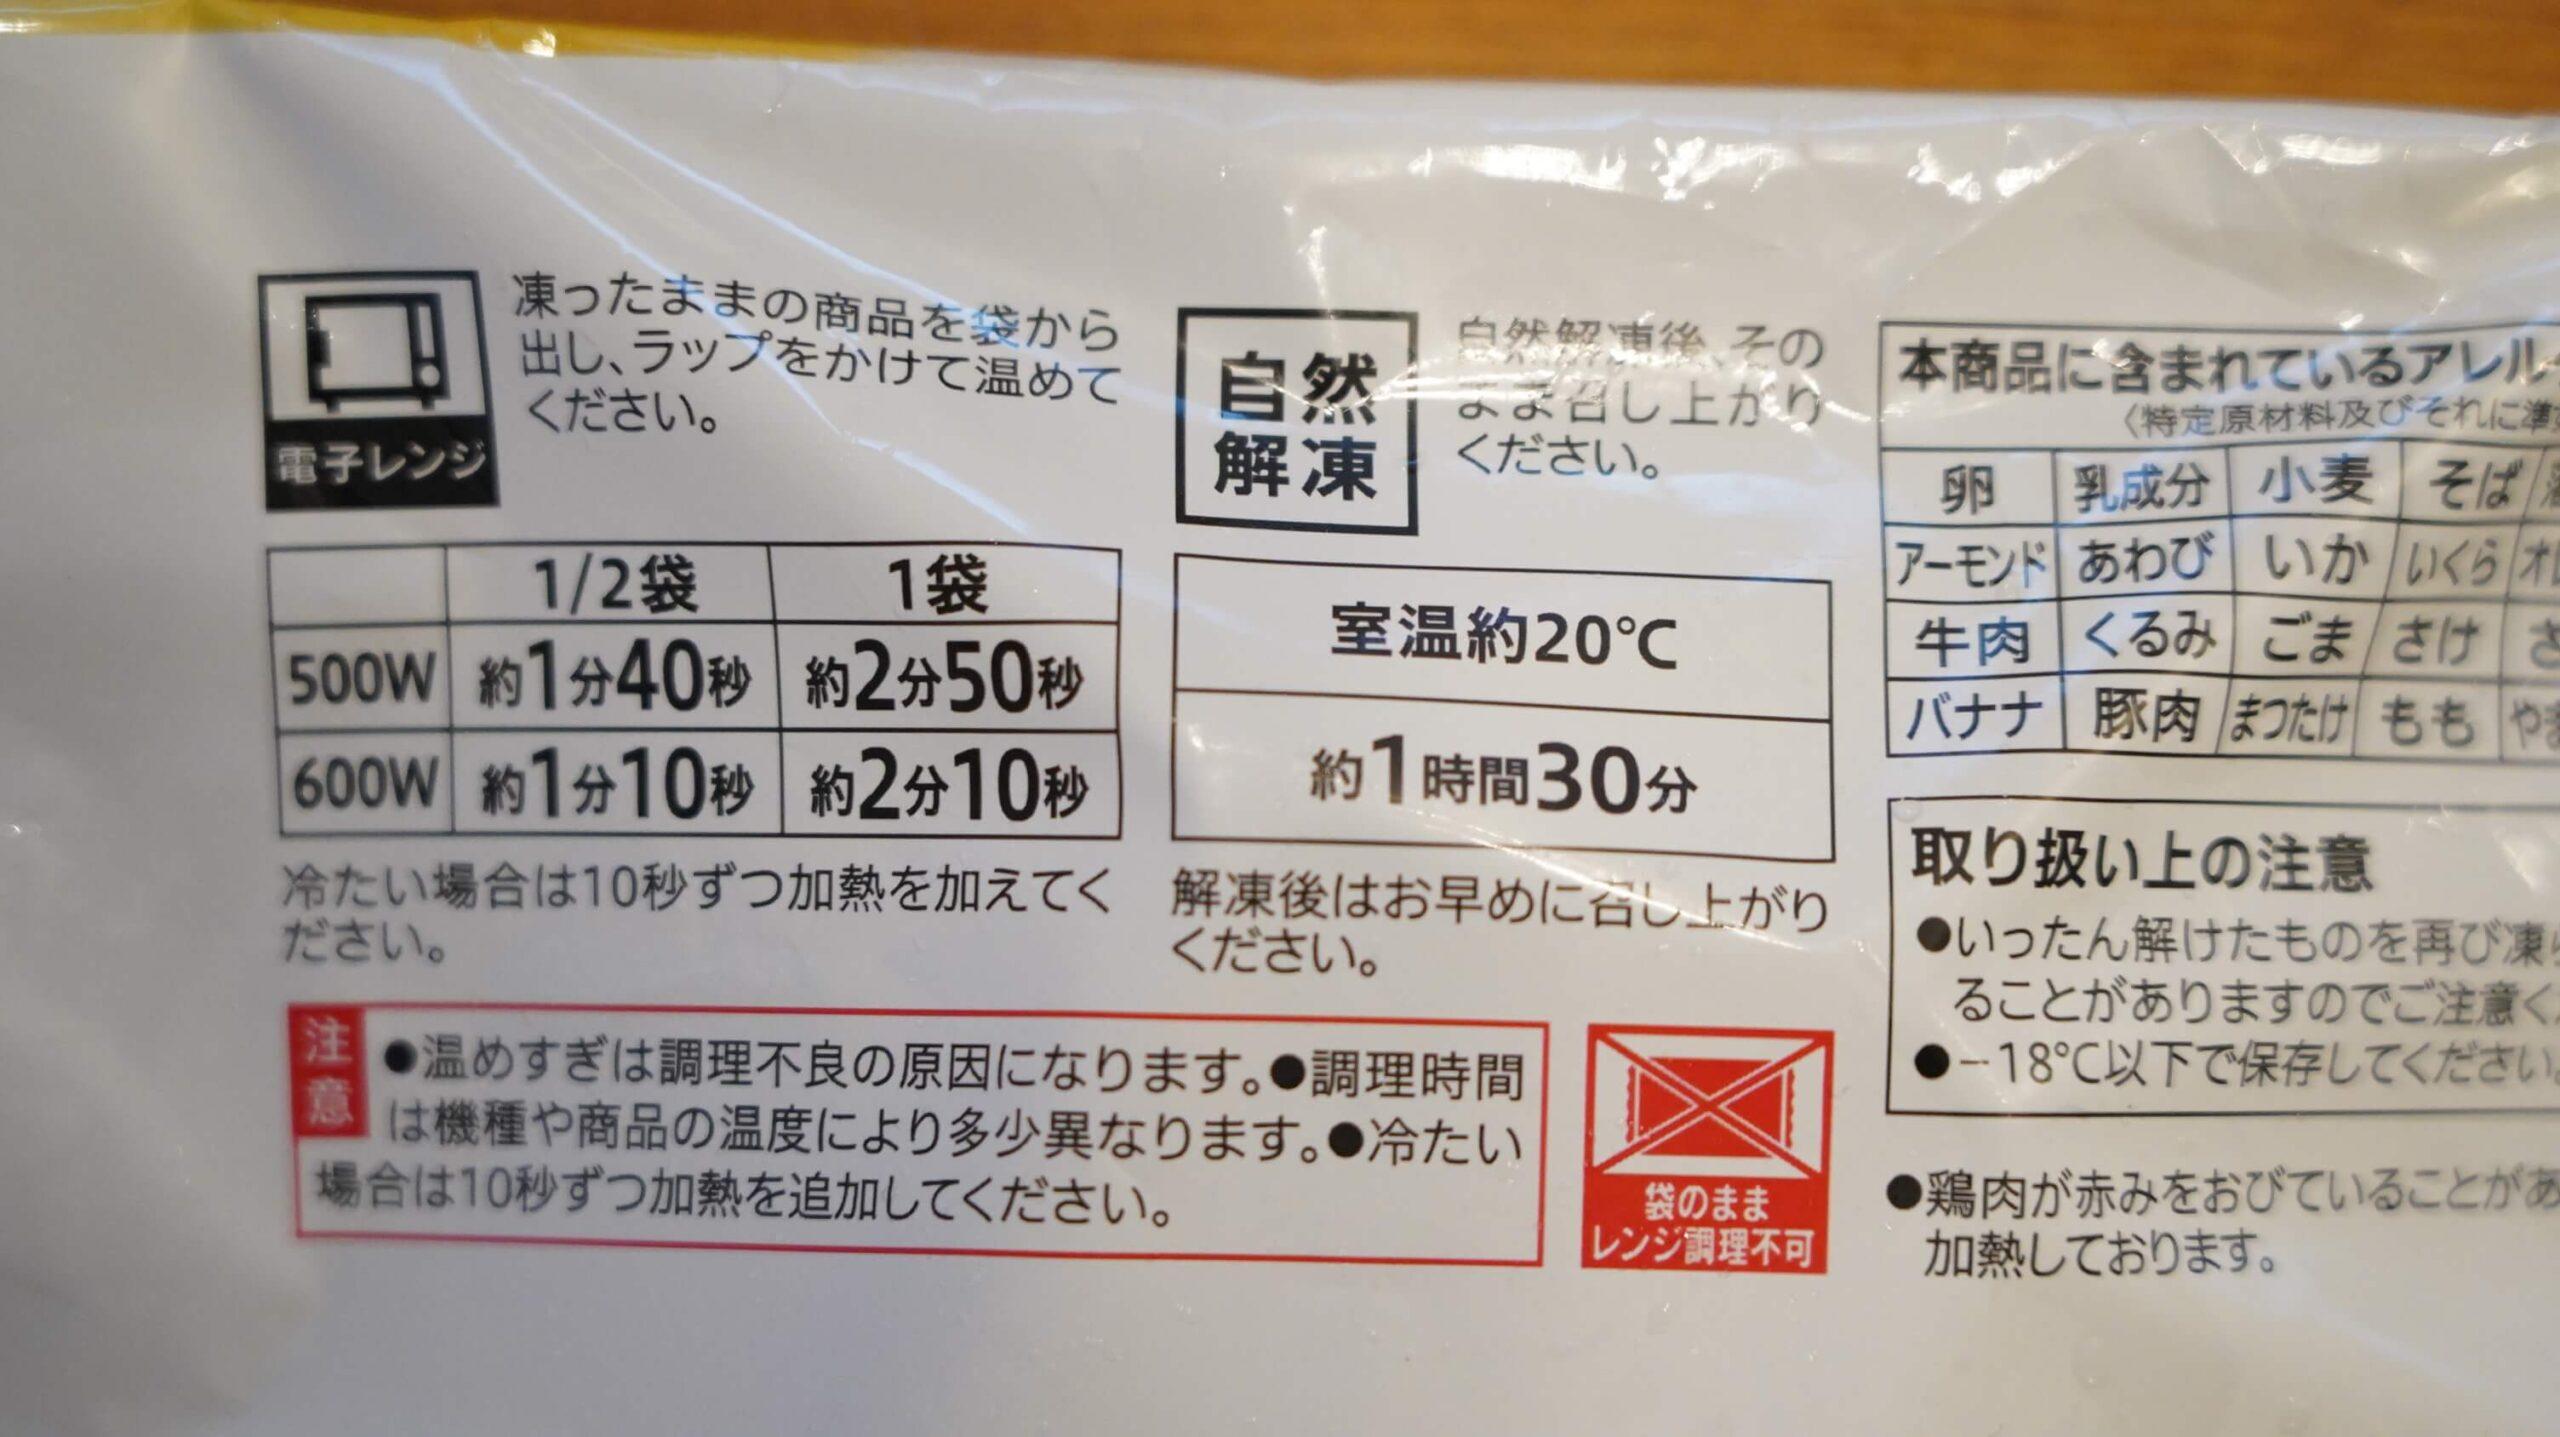 セブンイレブンの冷凍食品「鶏むね肉とブロッコリー」のパッケージ裏面の調理方法の説明の写真